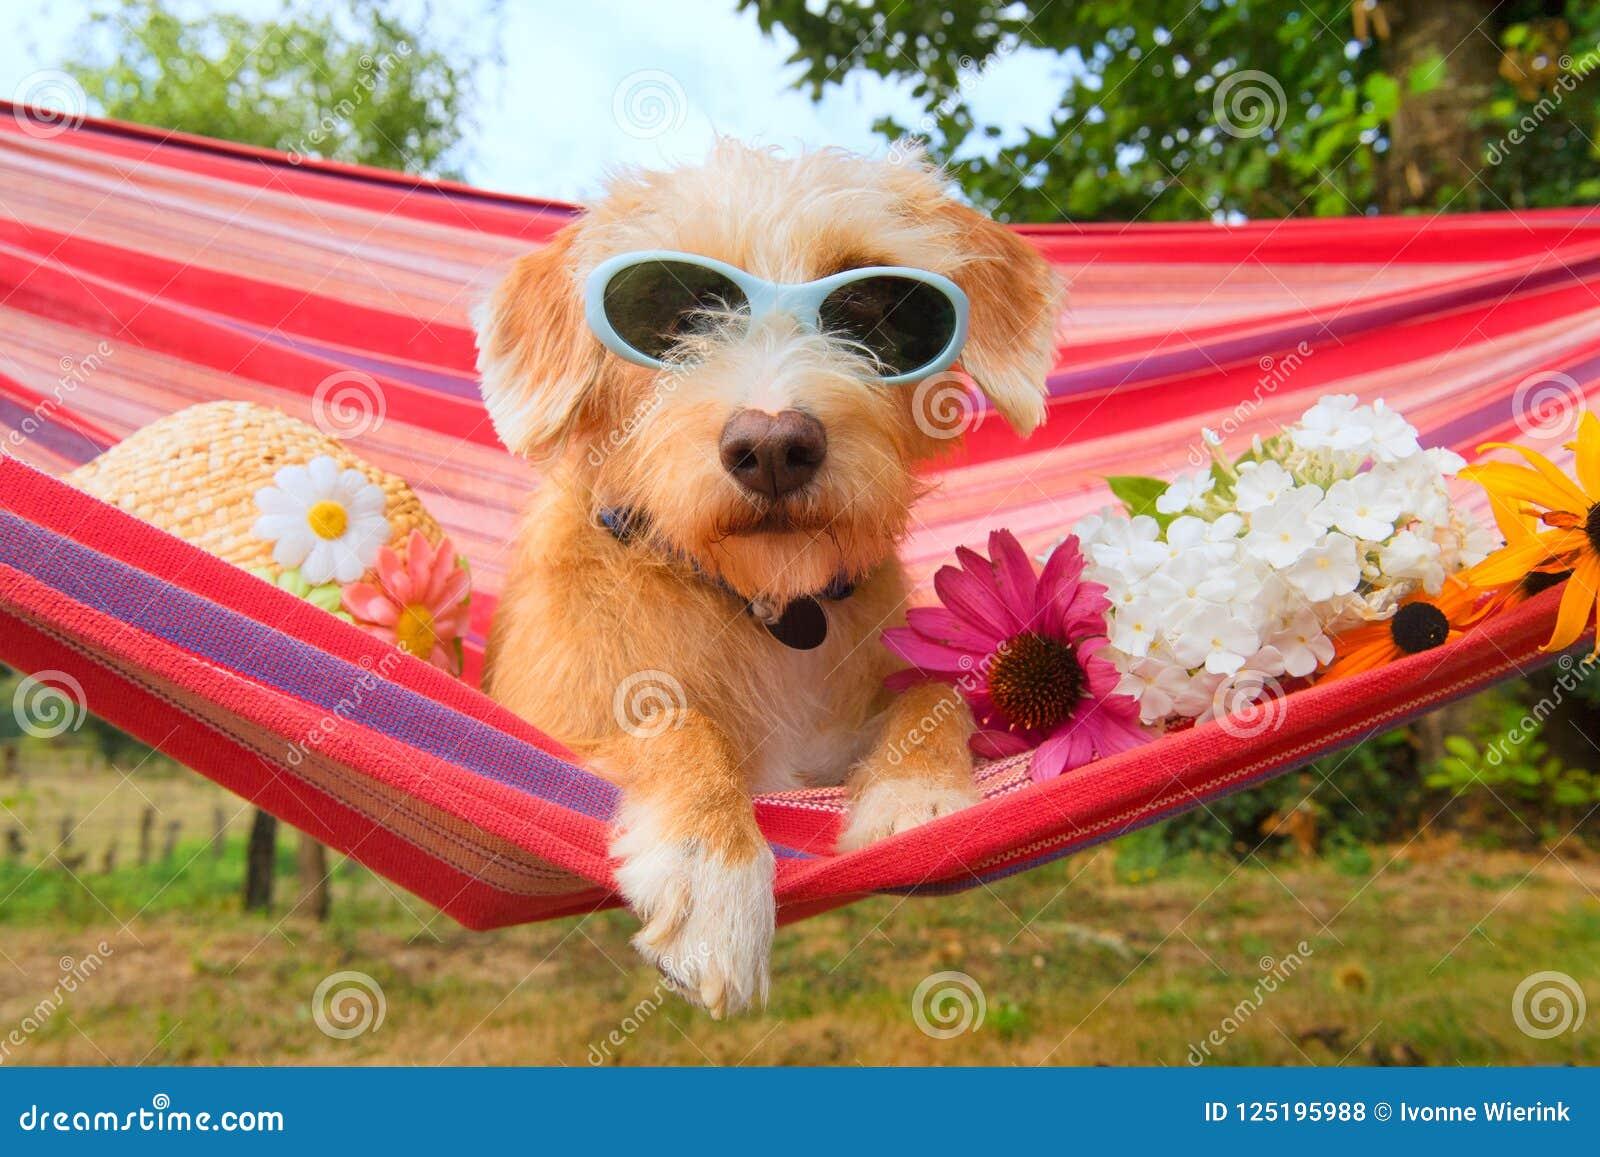 Śmieszny mały pies na wakacje w hamaku